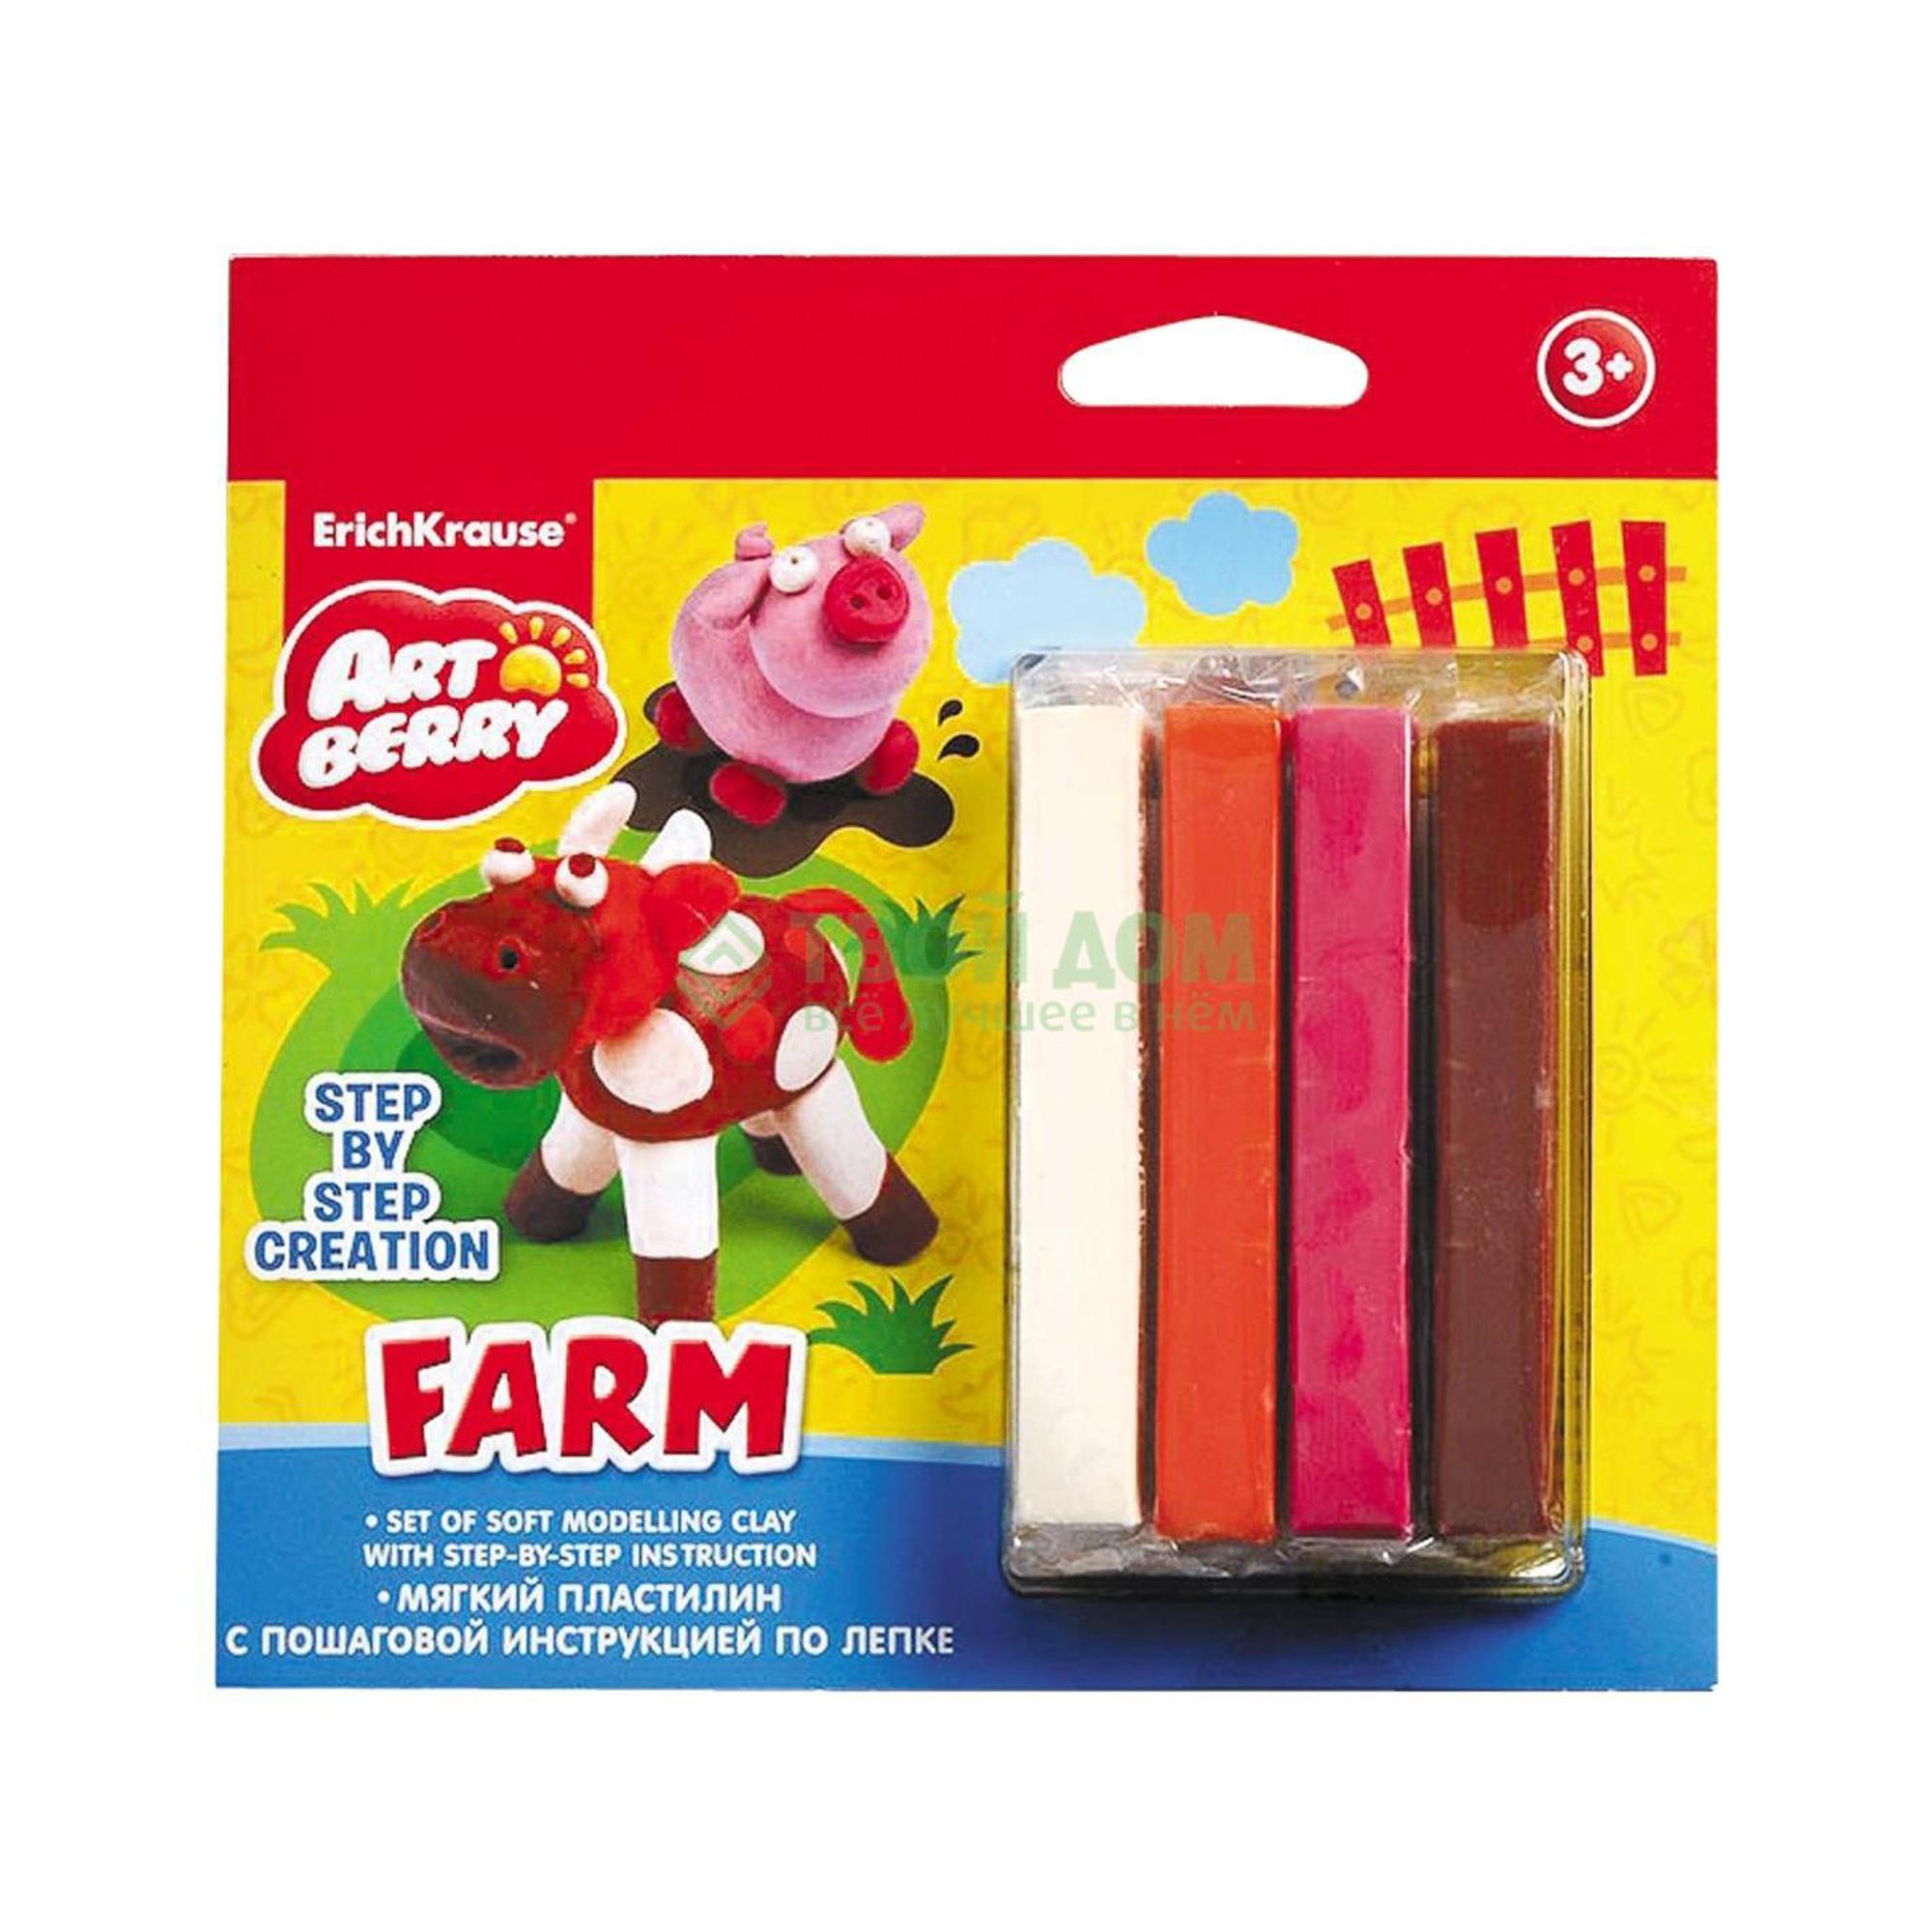 Набор для творчества Erich Krause пластилин 4 цвета farm фото